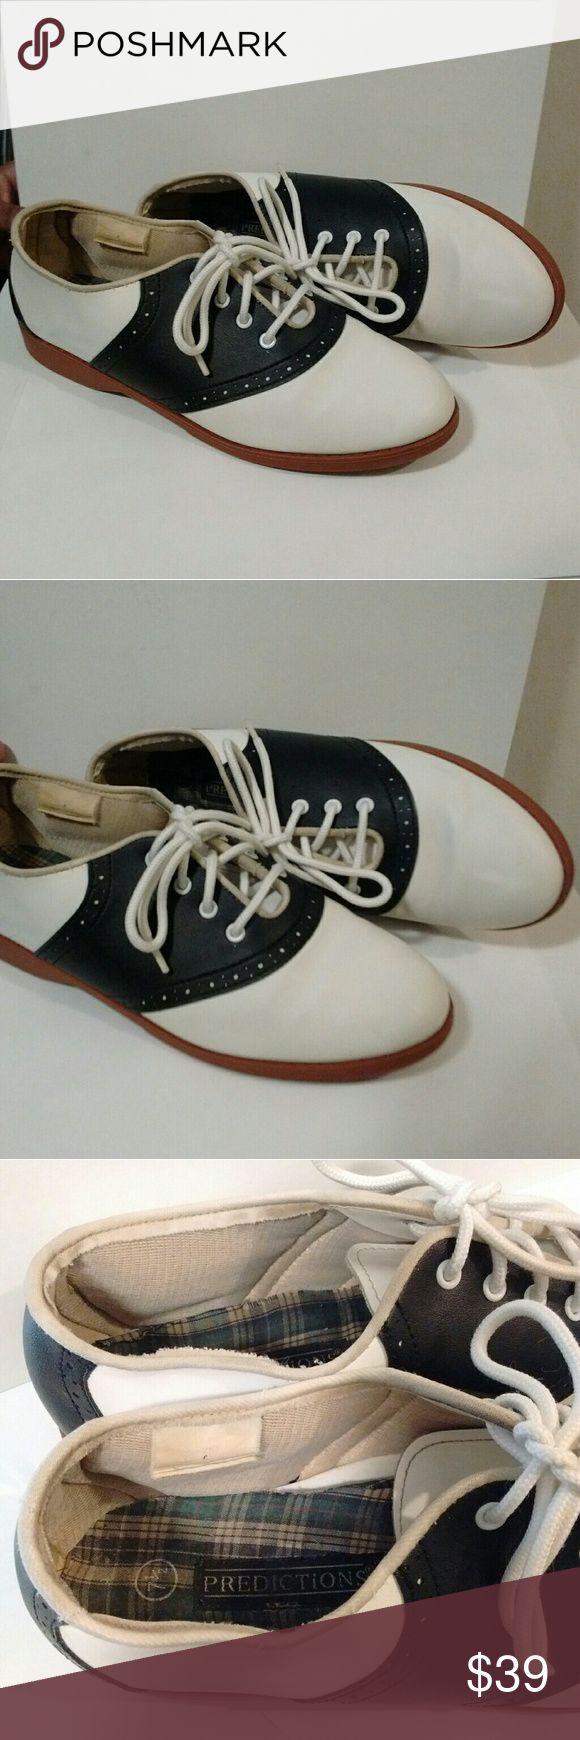 Roller shoes age - Vintage Saddle Oxfords True Vintage Black White Slip Resistant Saddle Oxfords In Size 7 5